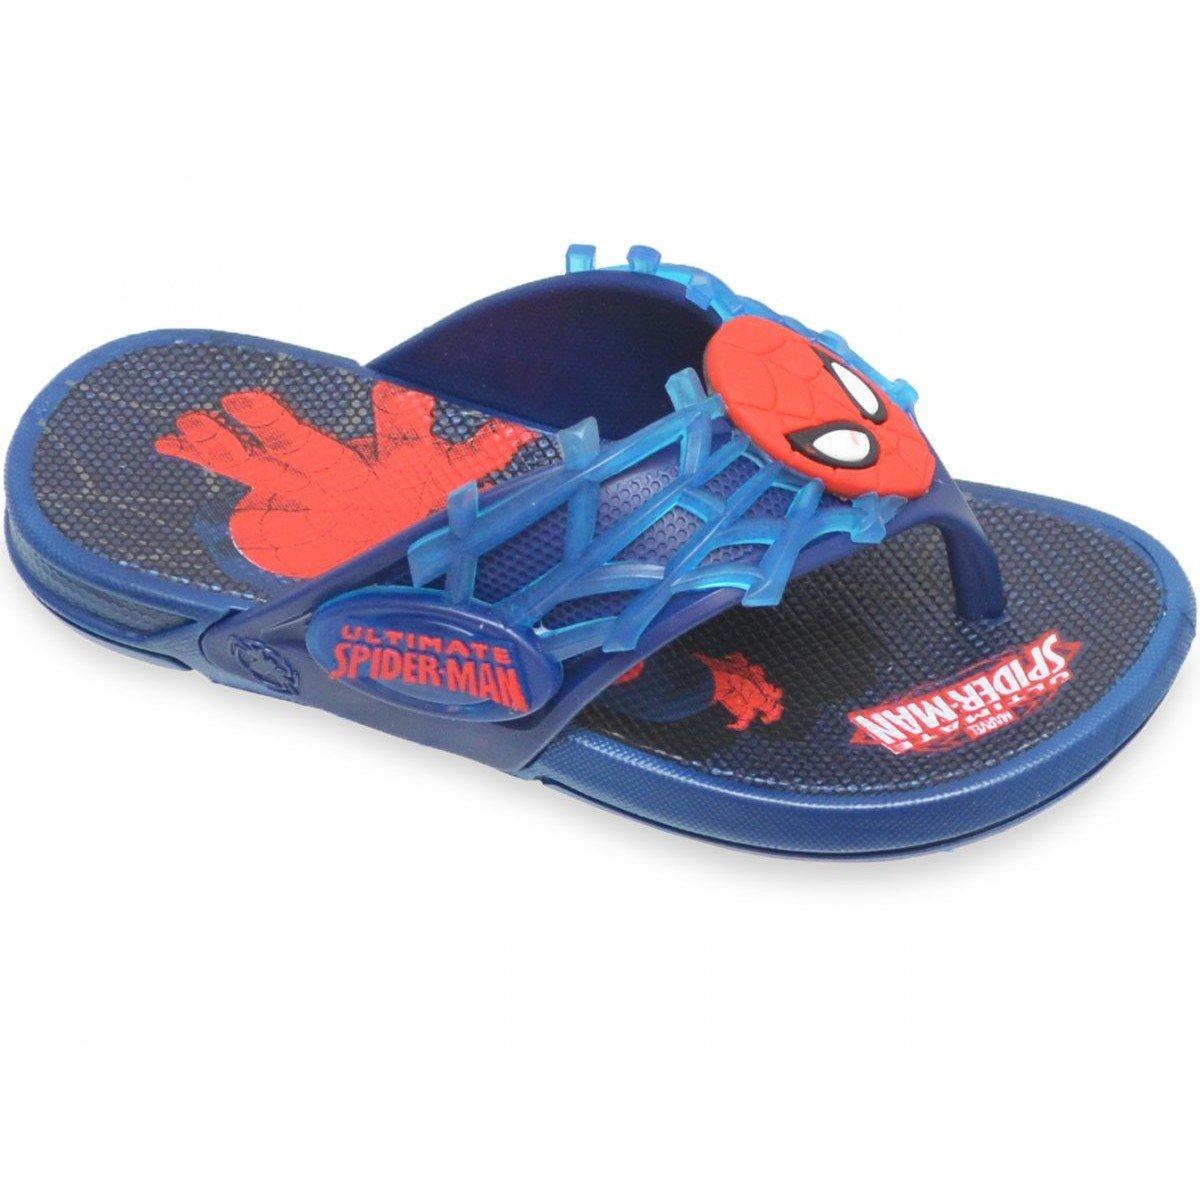 Chinelo Grendene Homem Aranha Super Infantil - Azul